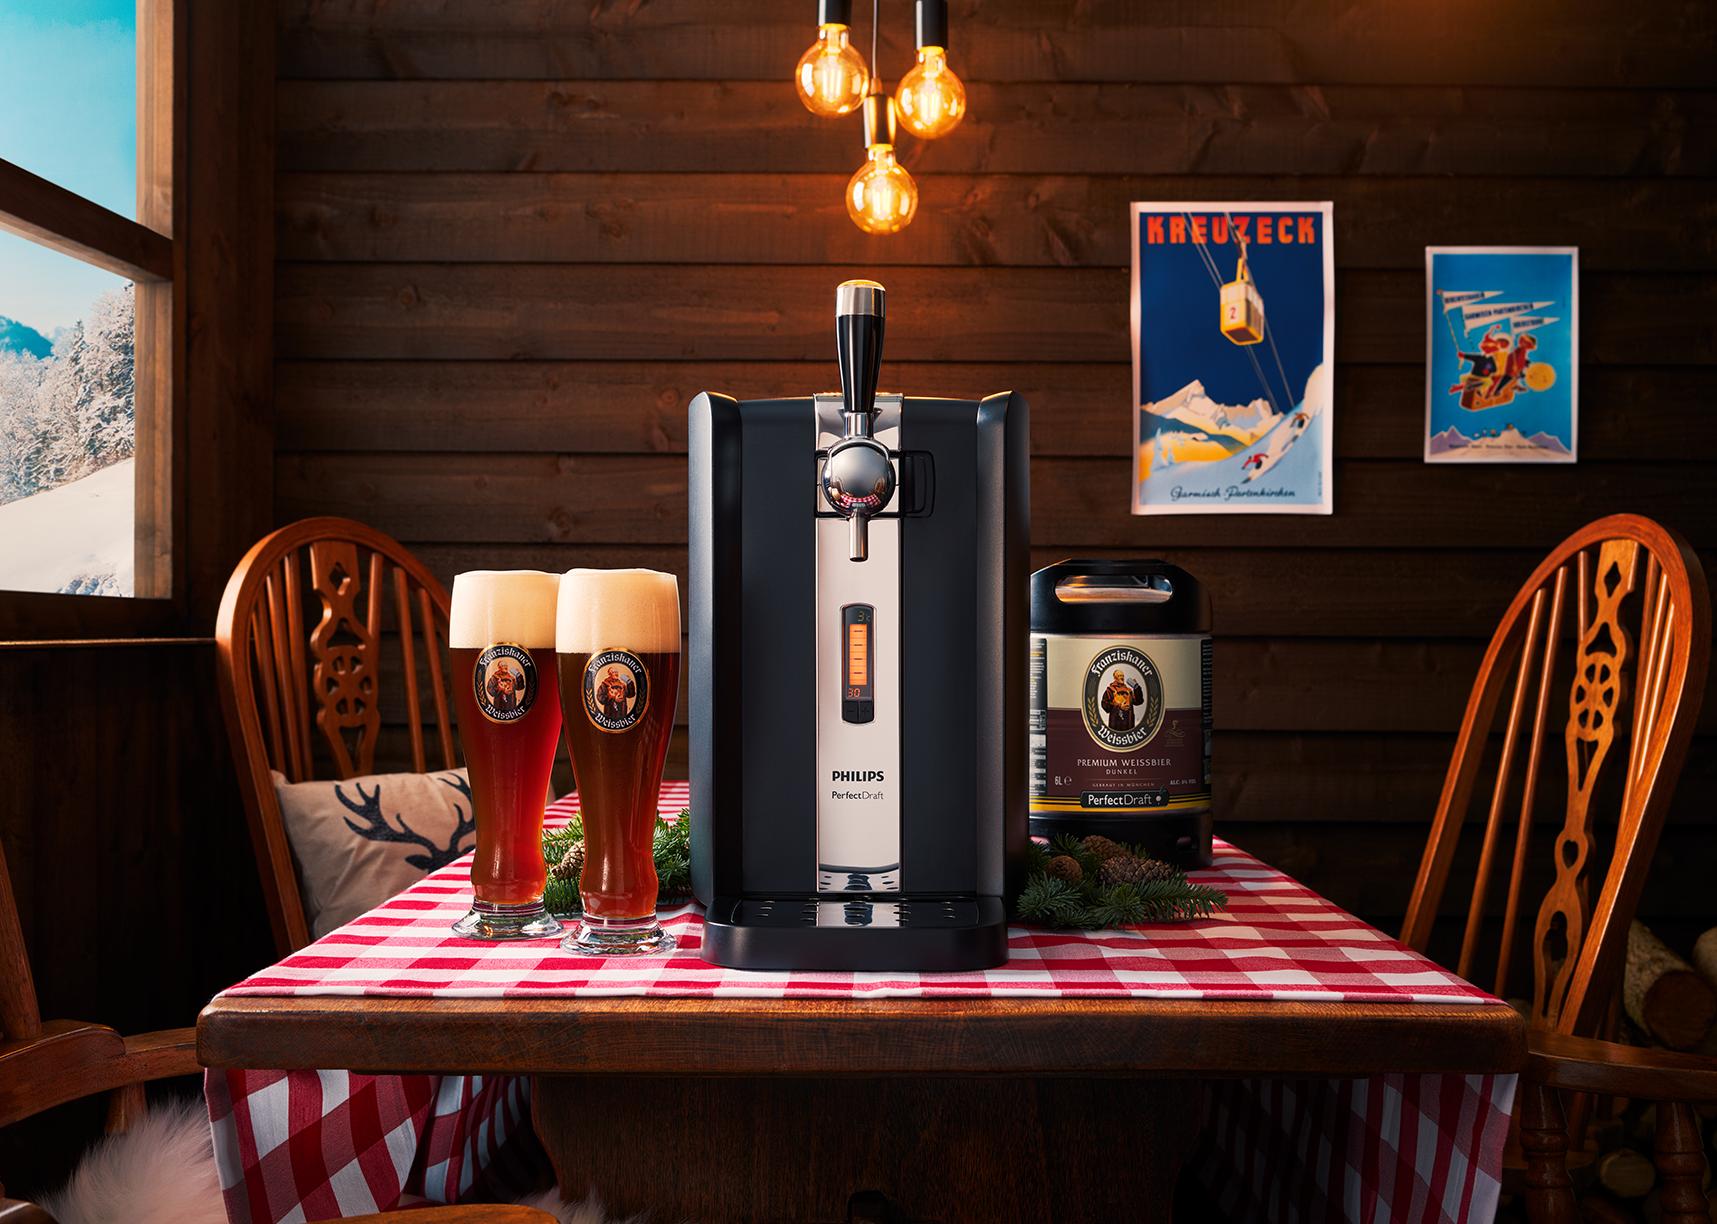 Saveur Biere Tireuse A Biere Fut De Biere Biere Bouteille Verre A Biere